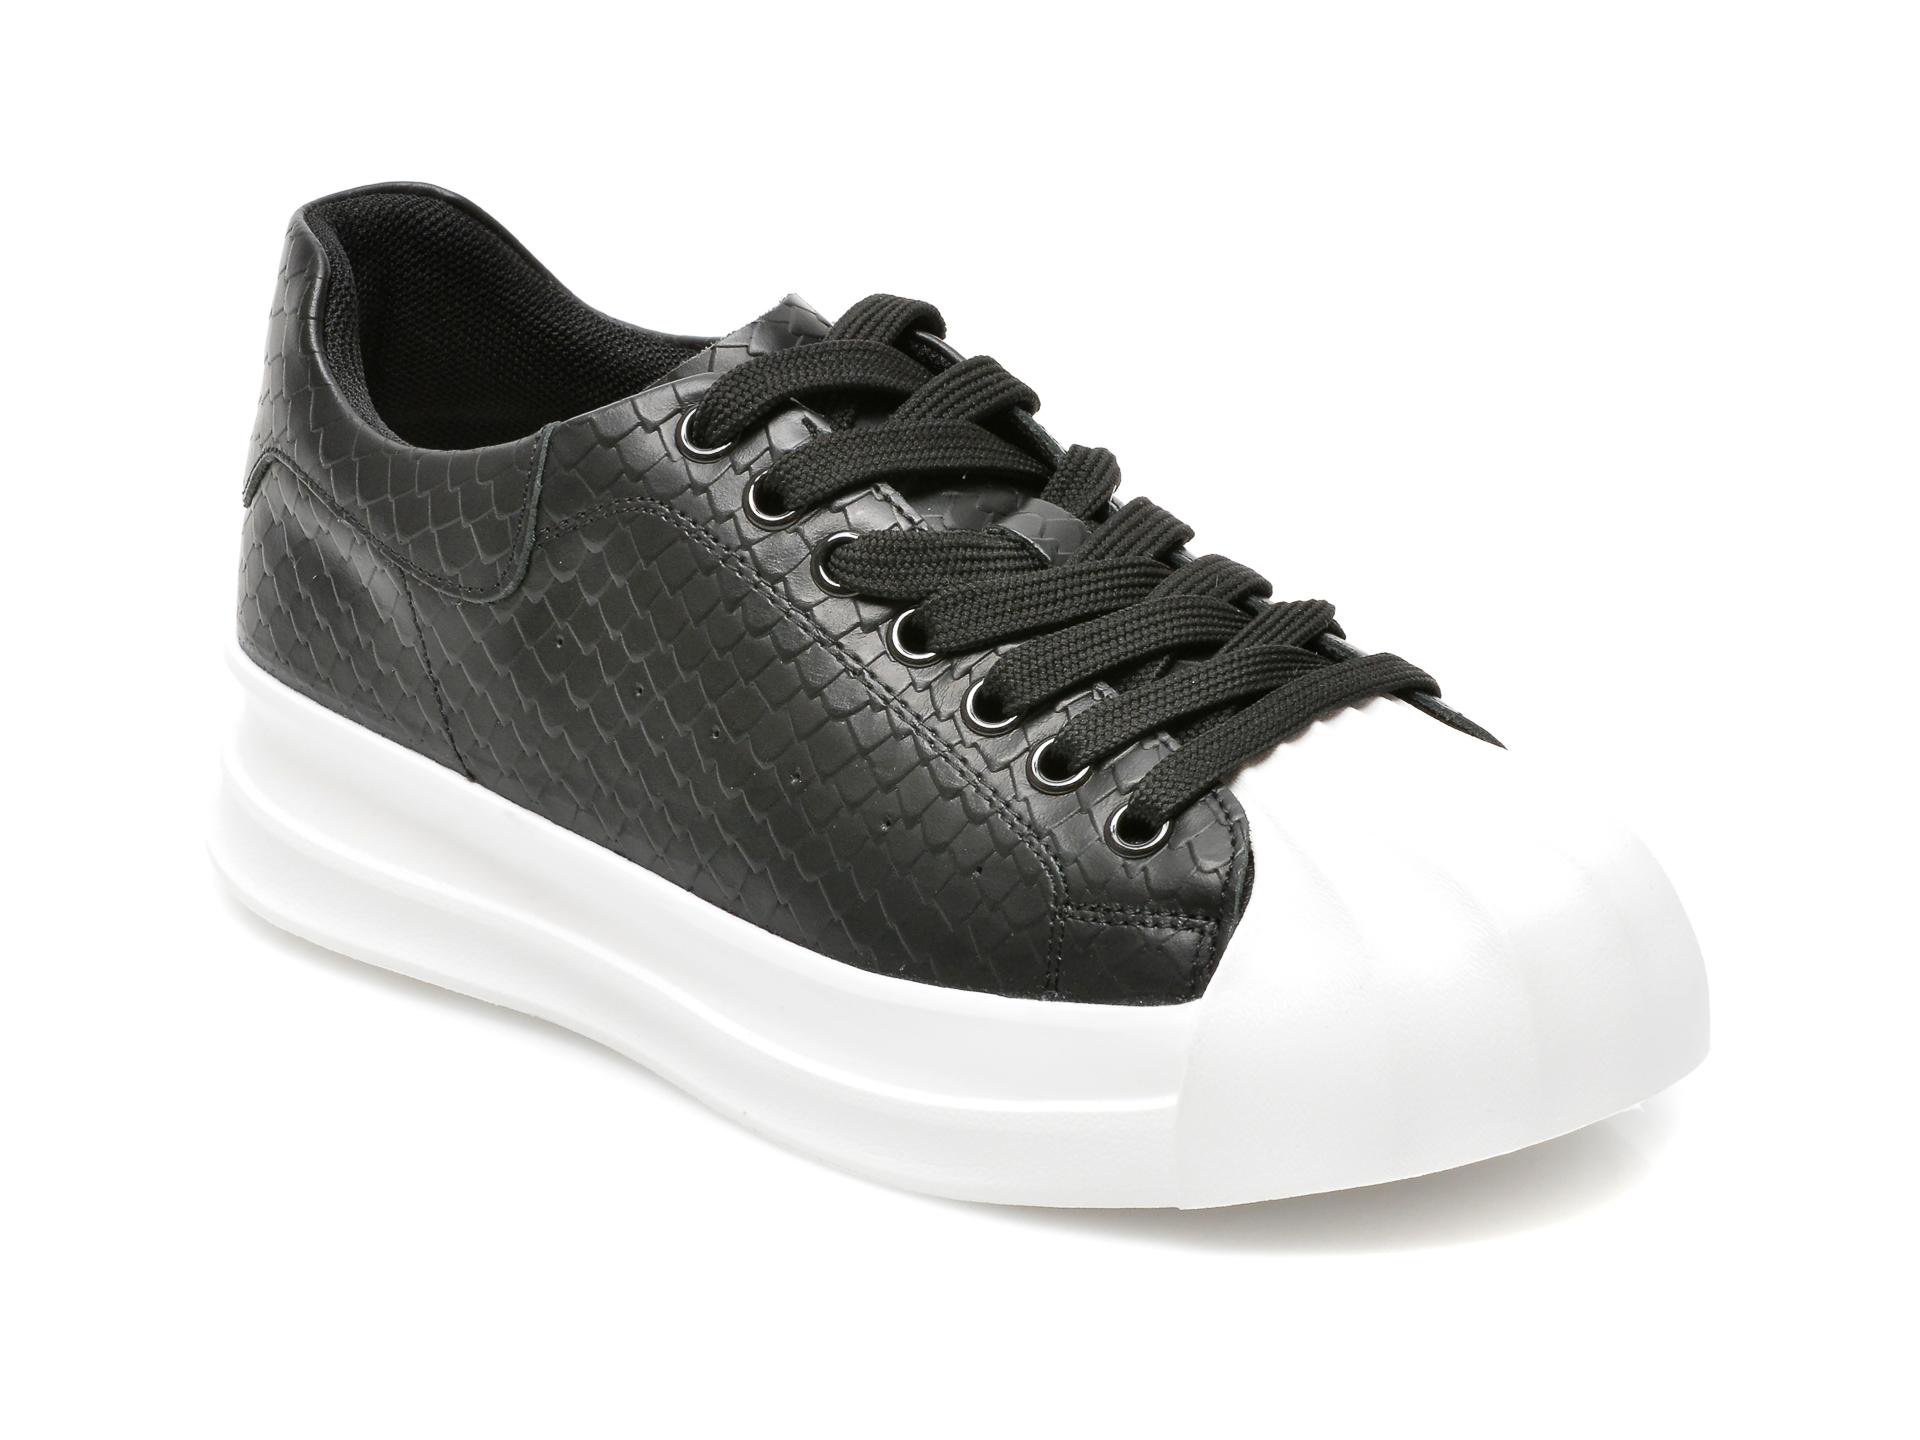 Pantofi sport GRYXX negri, A1191, din piele naturala